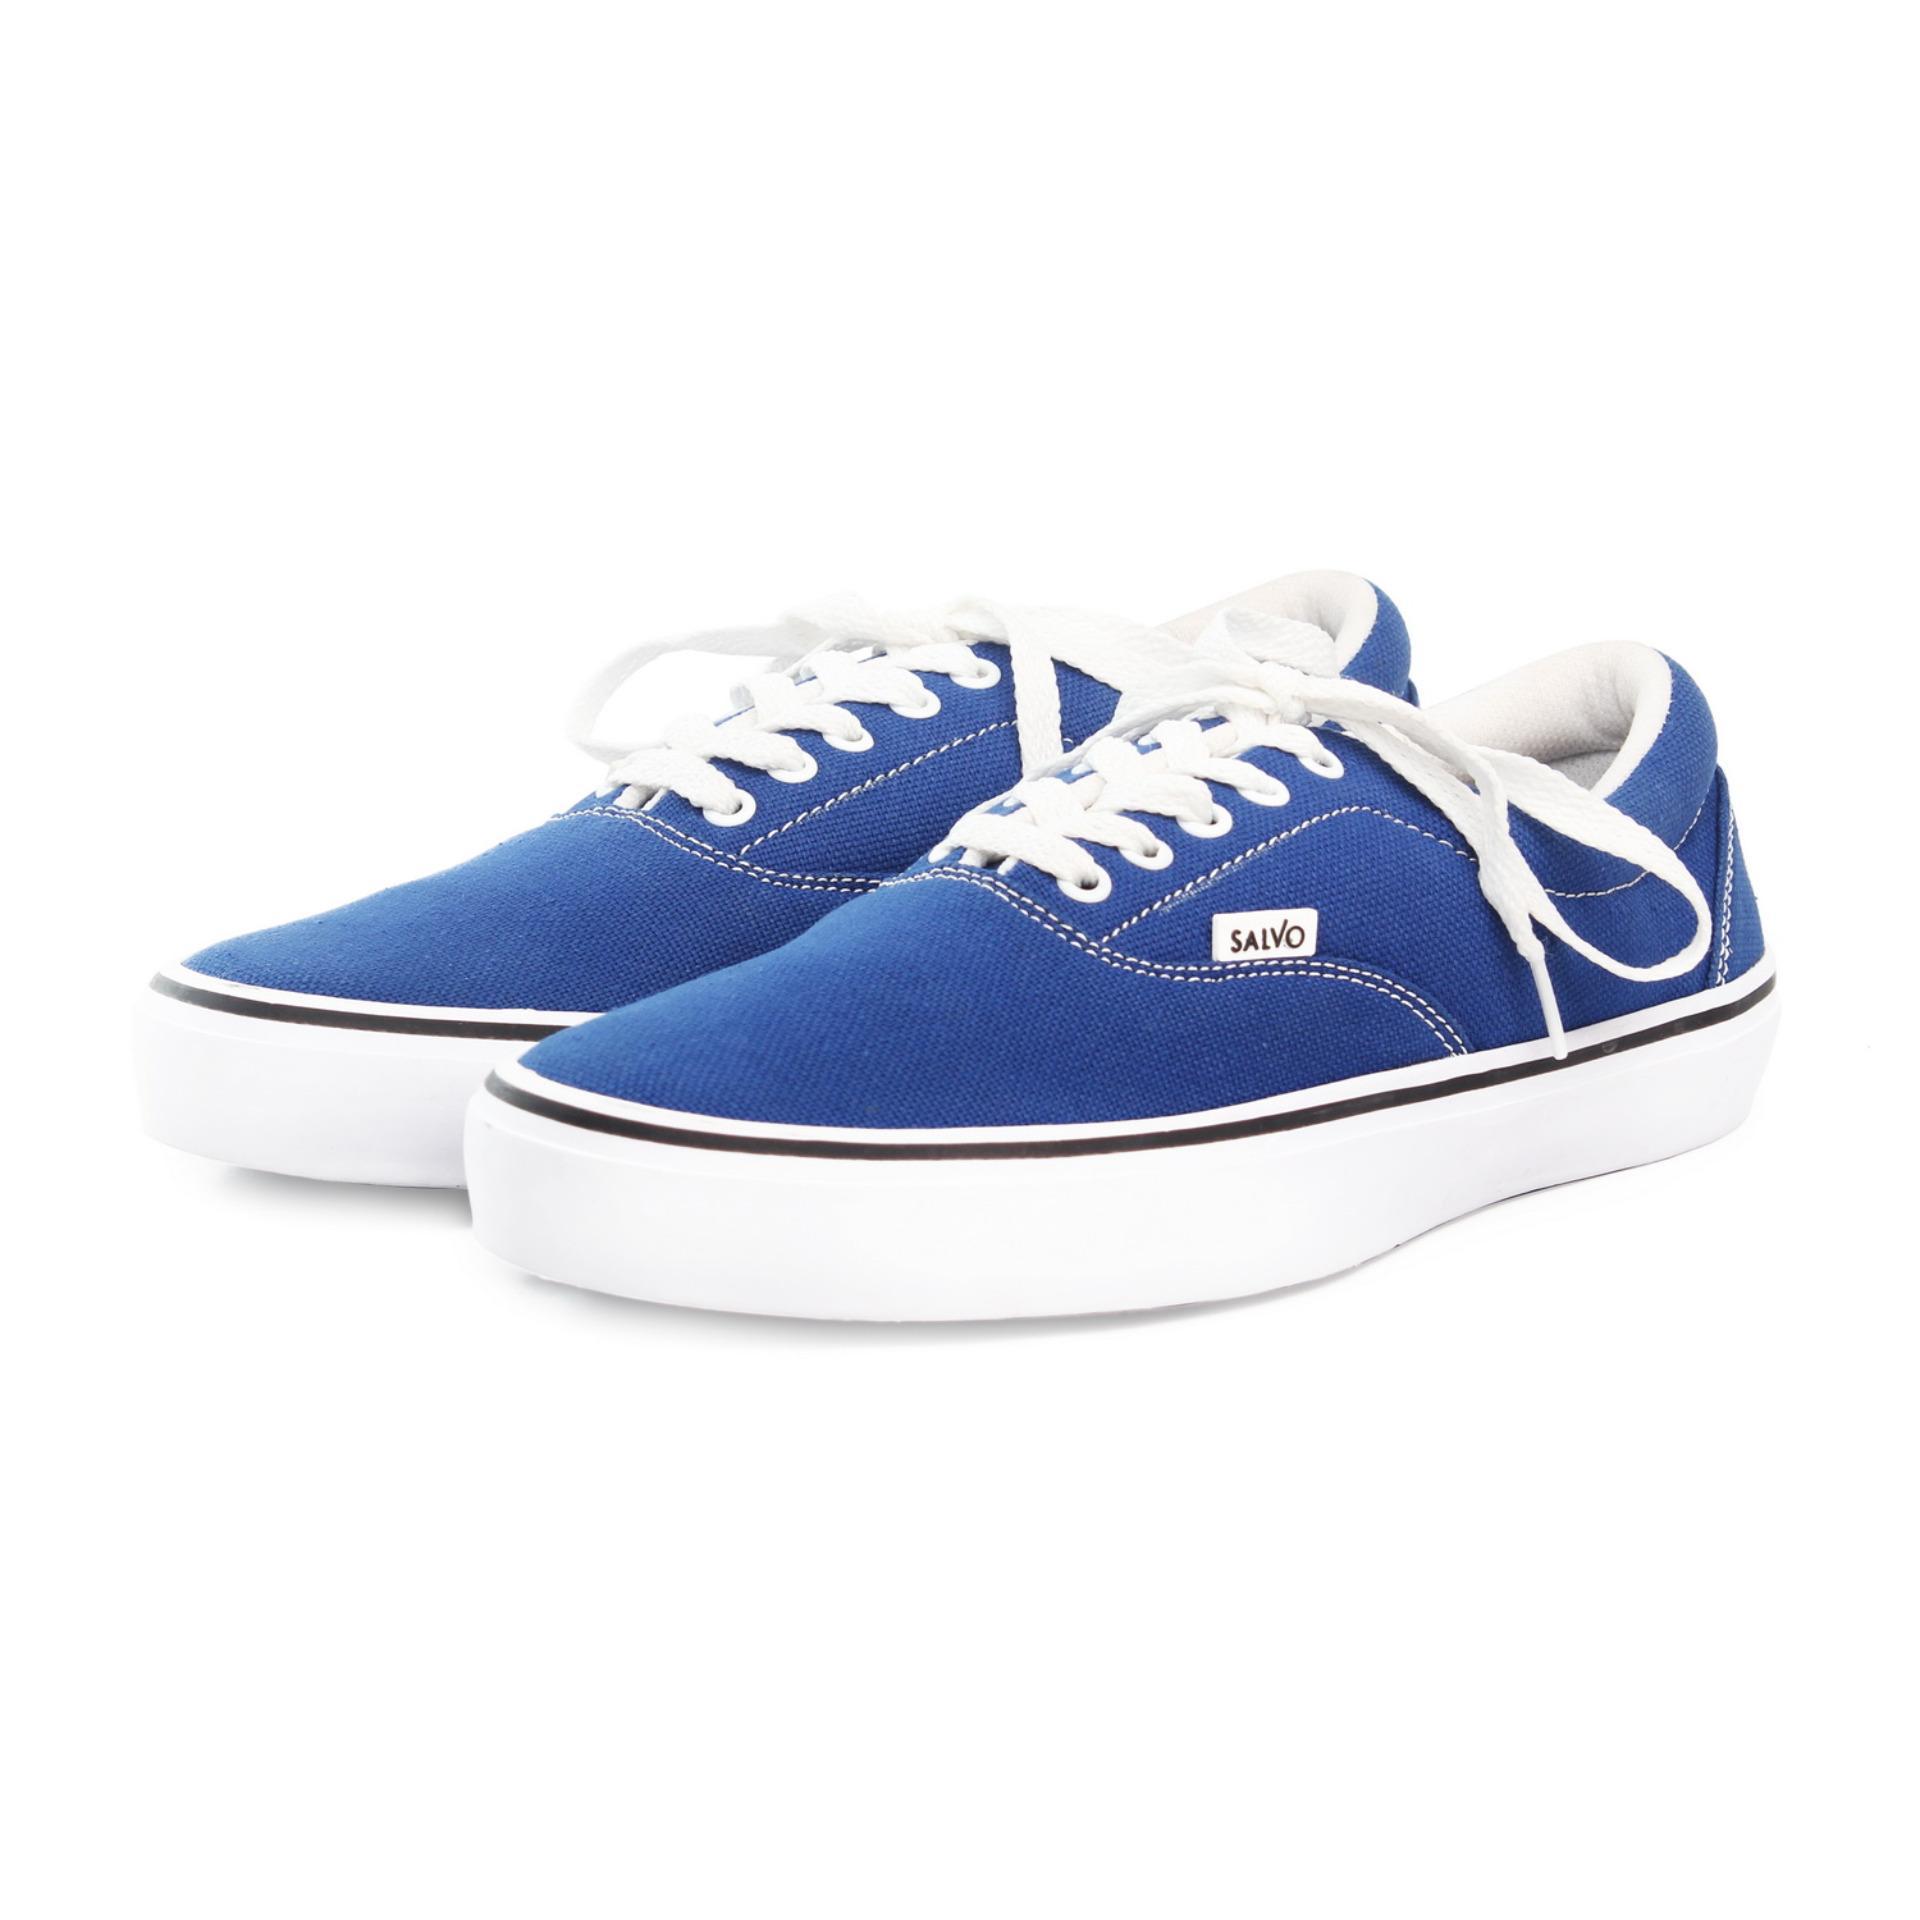 Salvo / fashion pria / sepatu / sepatu pria / flat shoes / flatshoes / sepatu